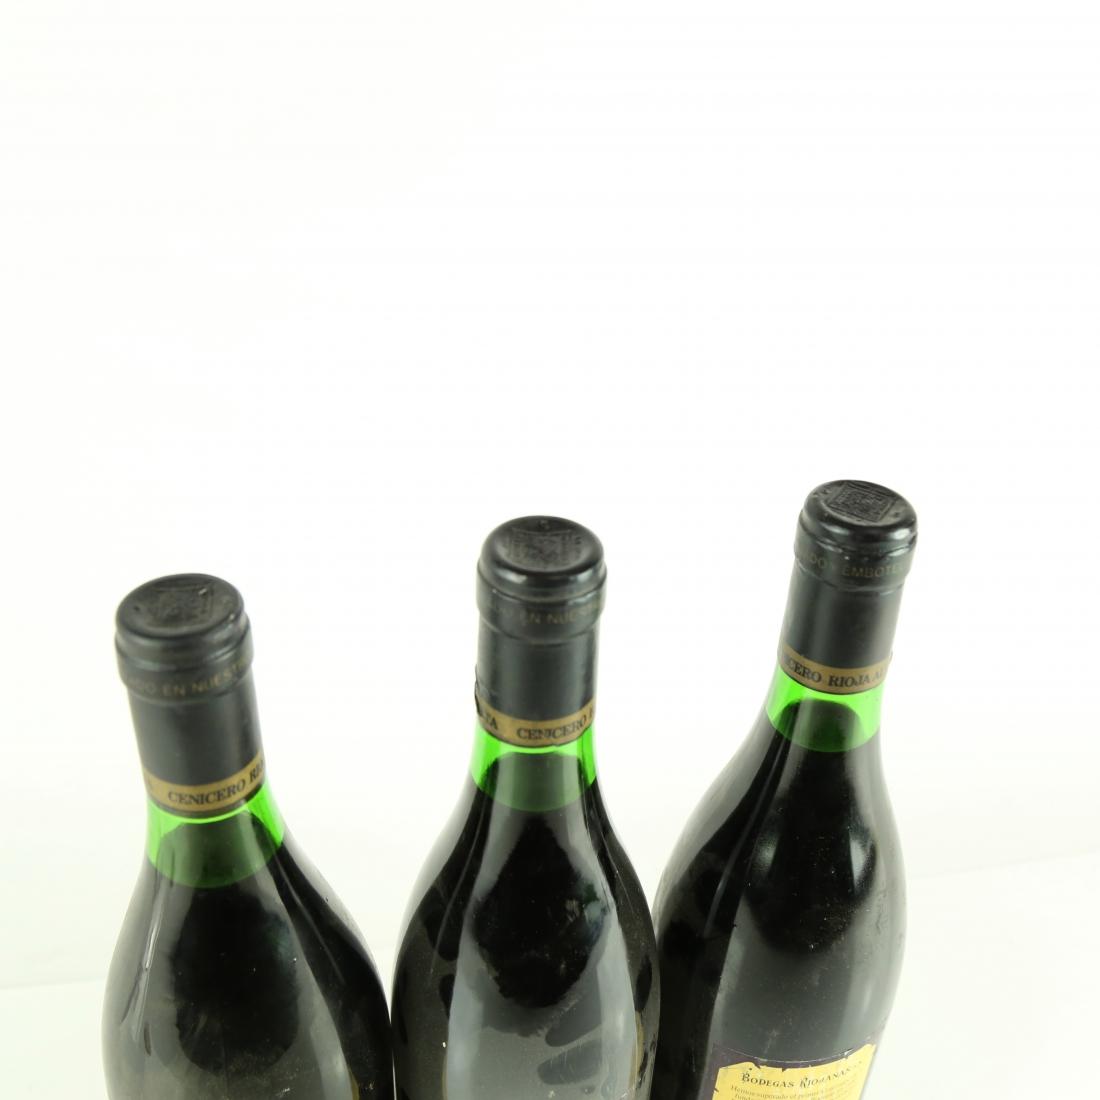 Monte Real 1987 Rioja Gran Reserva 3x75cl